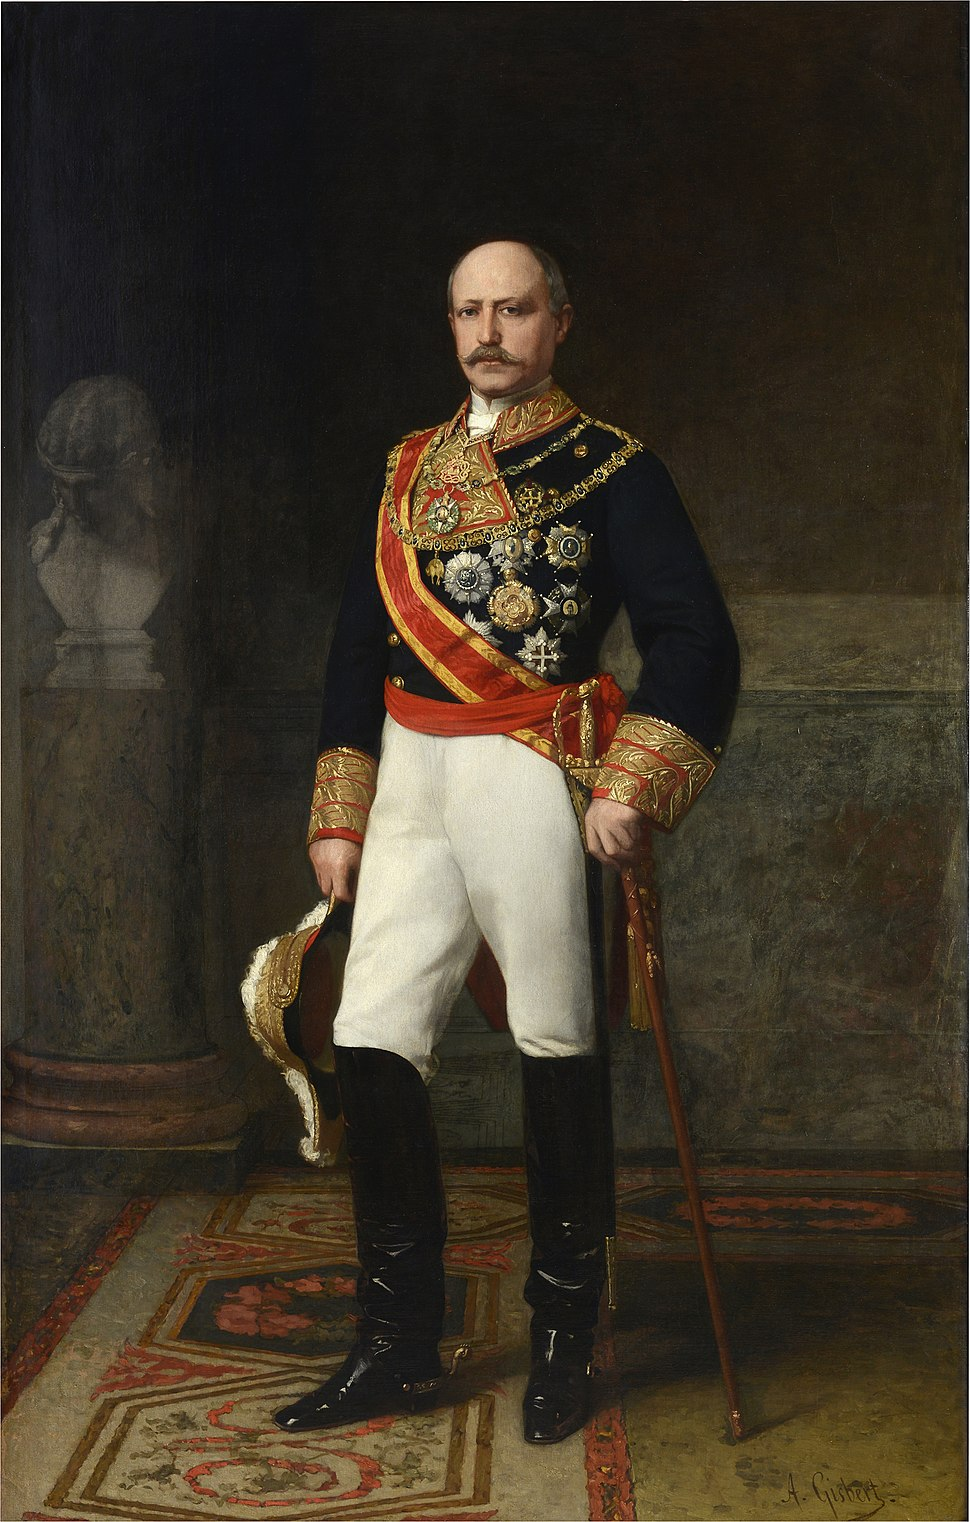 El capitán general Francisco Serrano, duque de la Torre